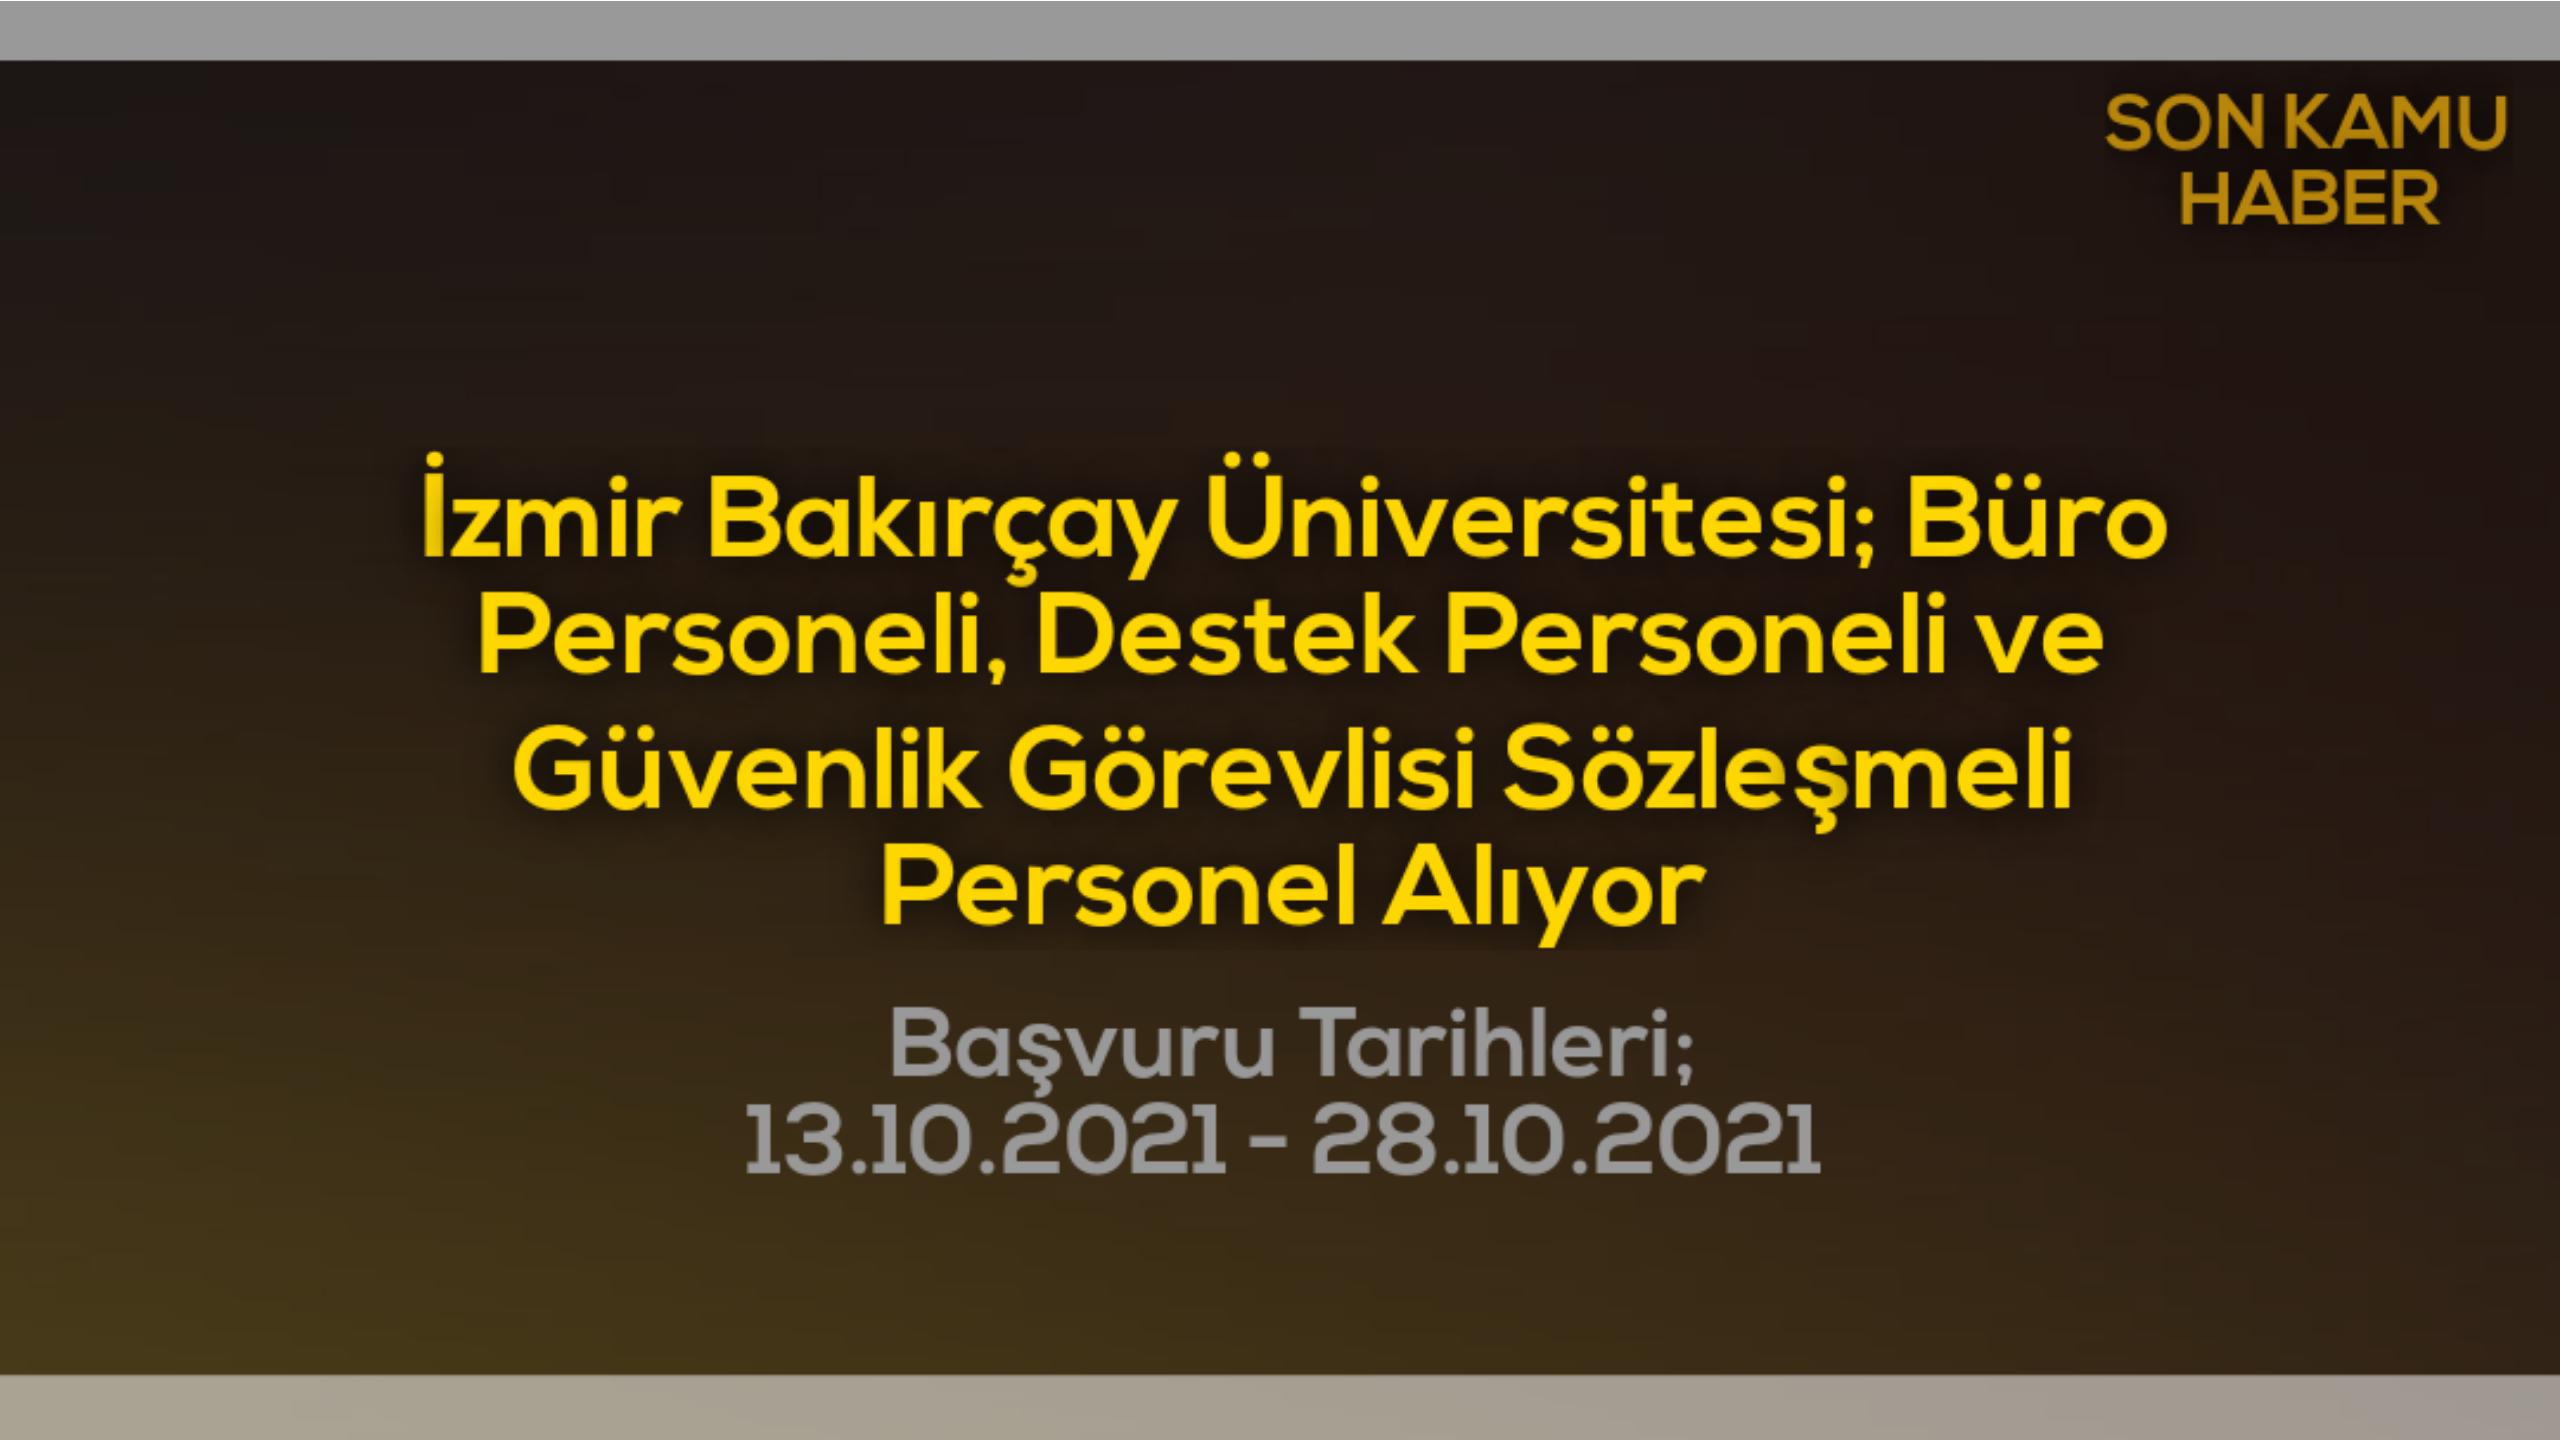 İzmir Bakırçay Üniversitesi; Büro Personeli, Destek Personeli ve Güvenlik Görevlisi Sözleşmeli Personel Alıyor